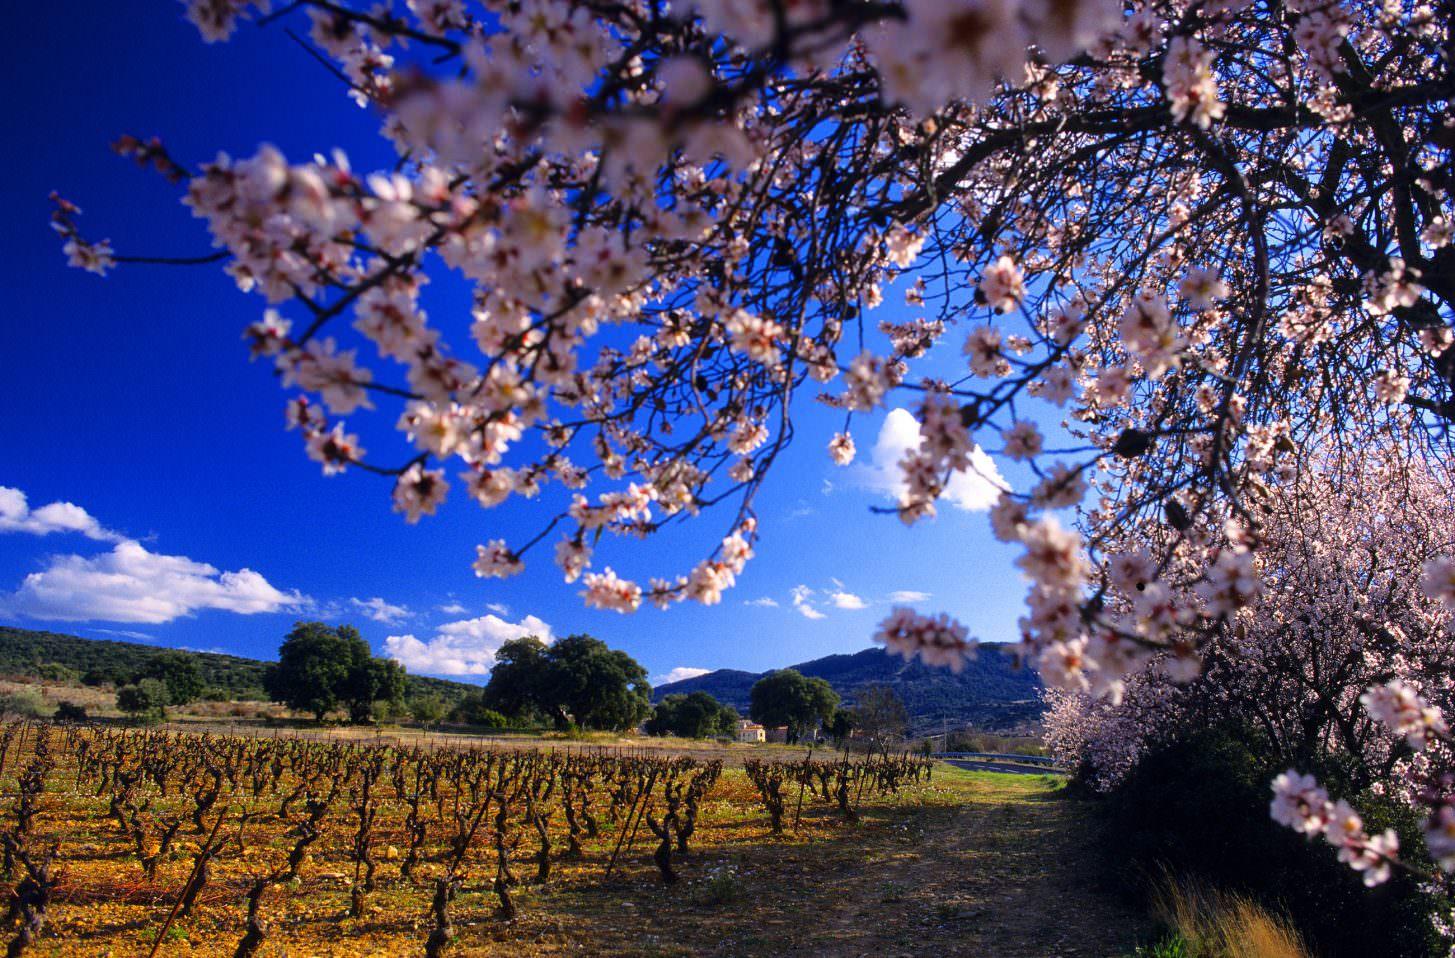 Monze, amandier en fleur, vigne